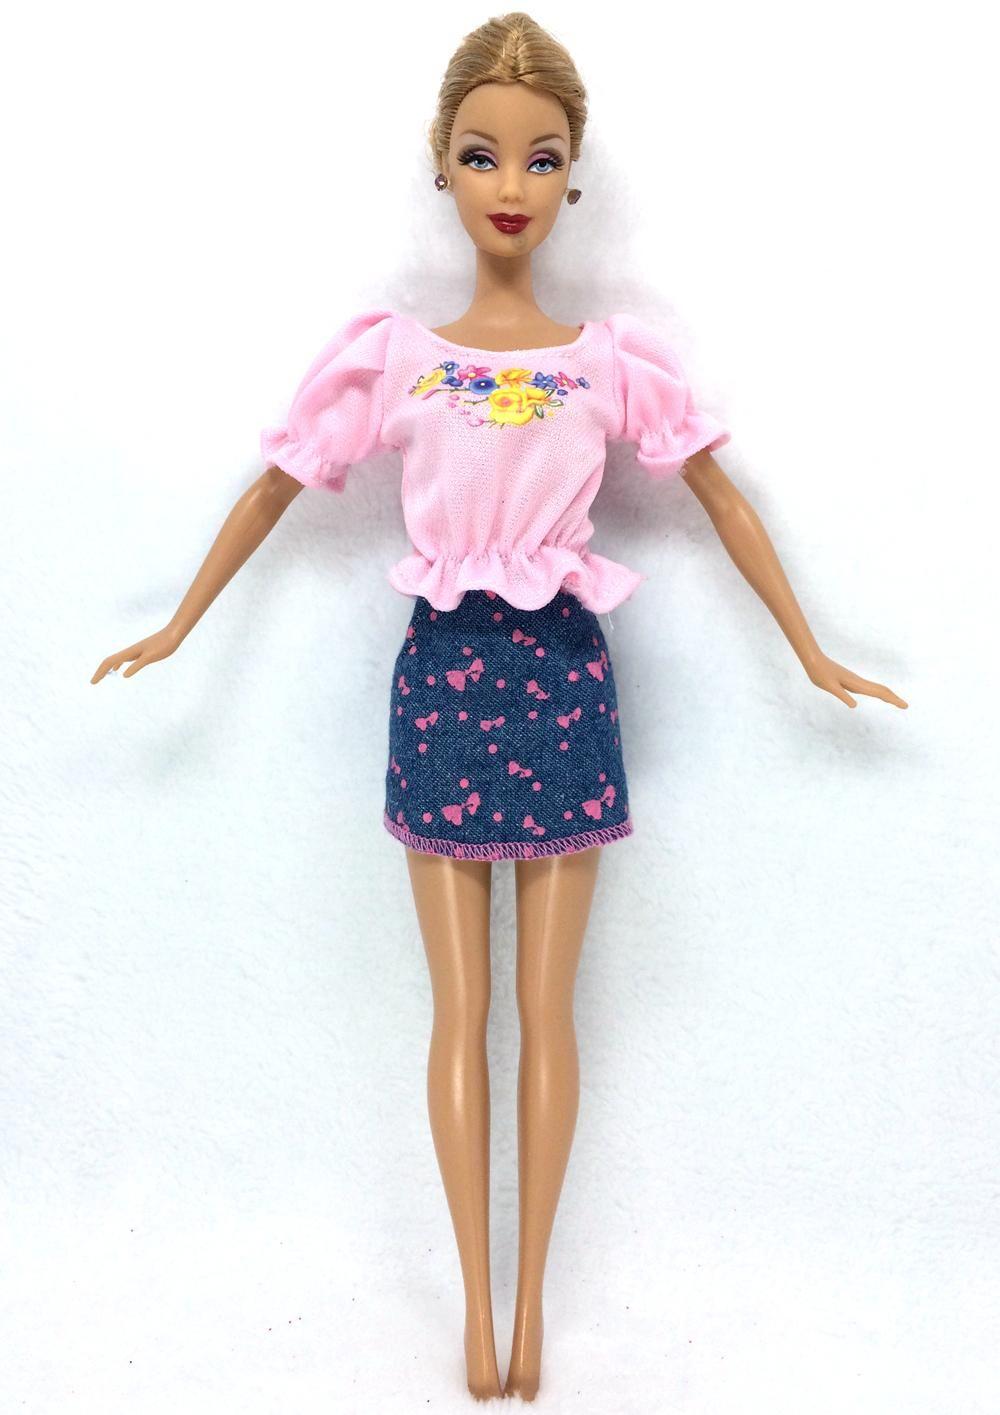 Nk 2016 più nuovo doll outfit bella partito handmade clothestop moda vestito per bambola barbie nobile migliore bambino girls'gift 018a